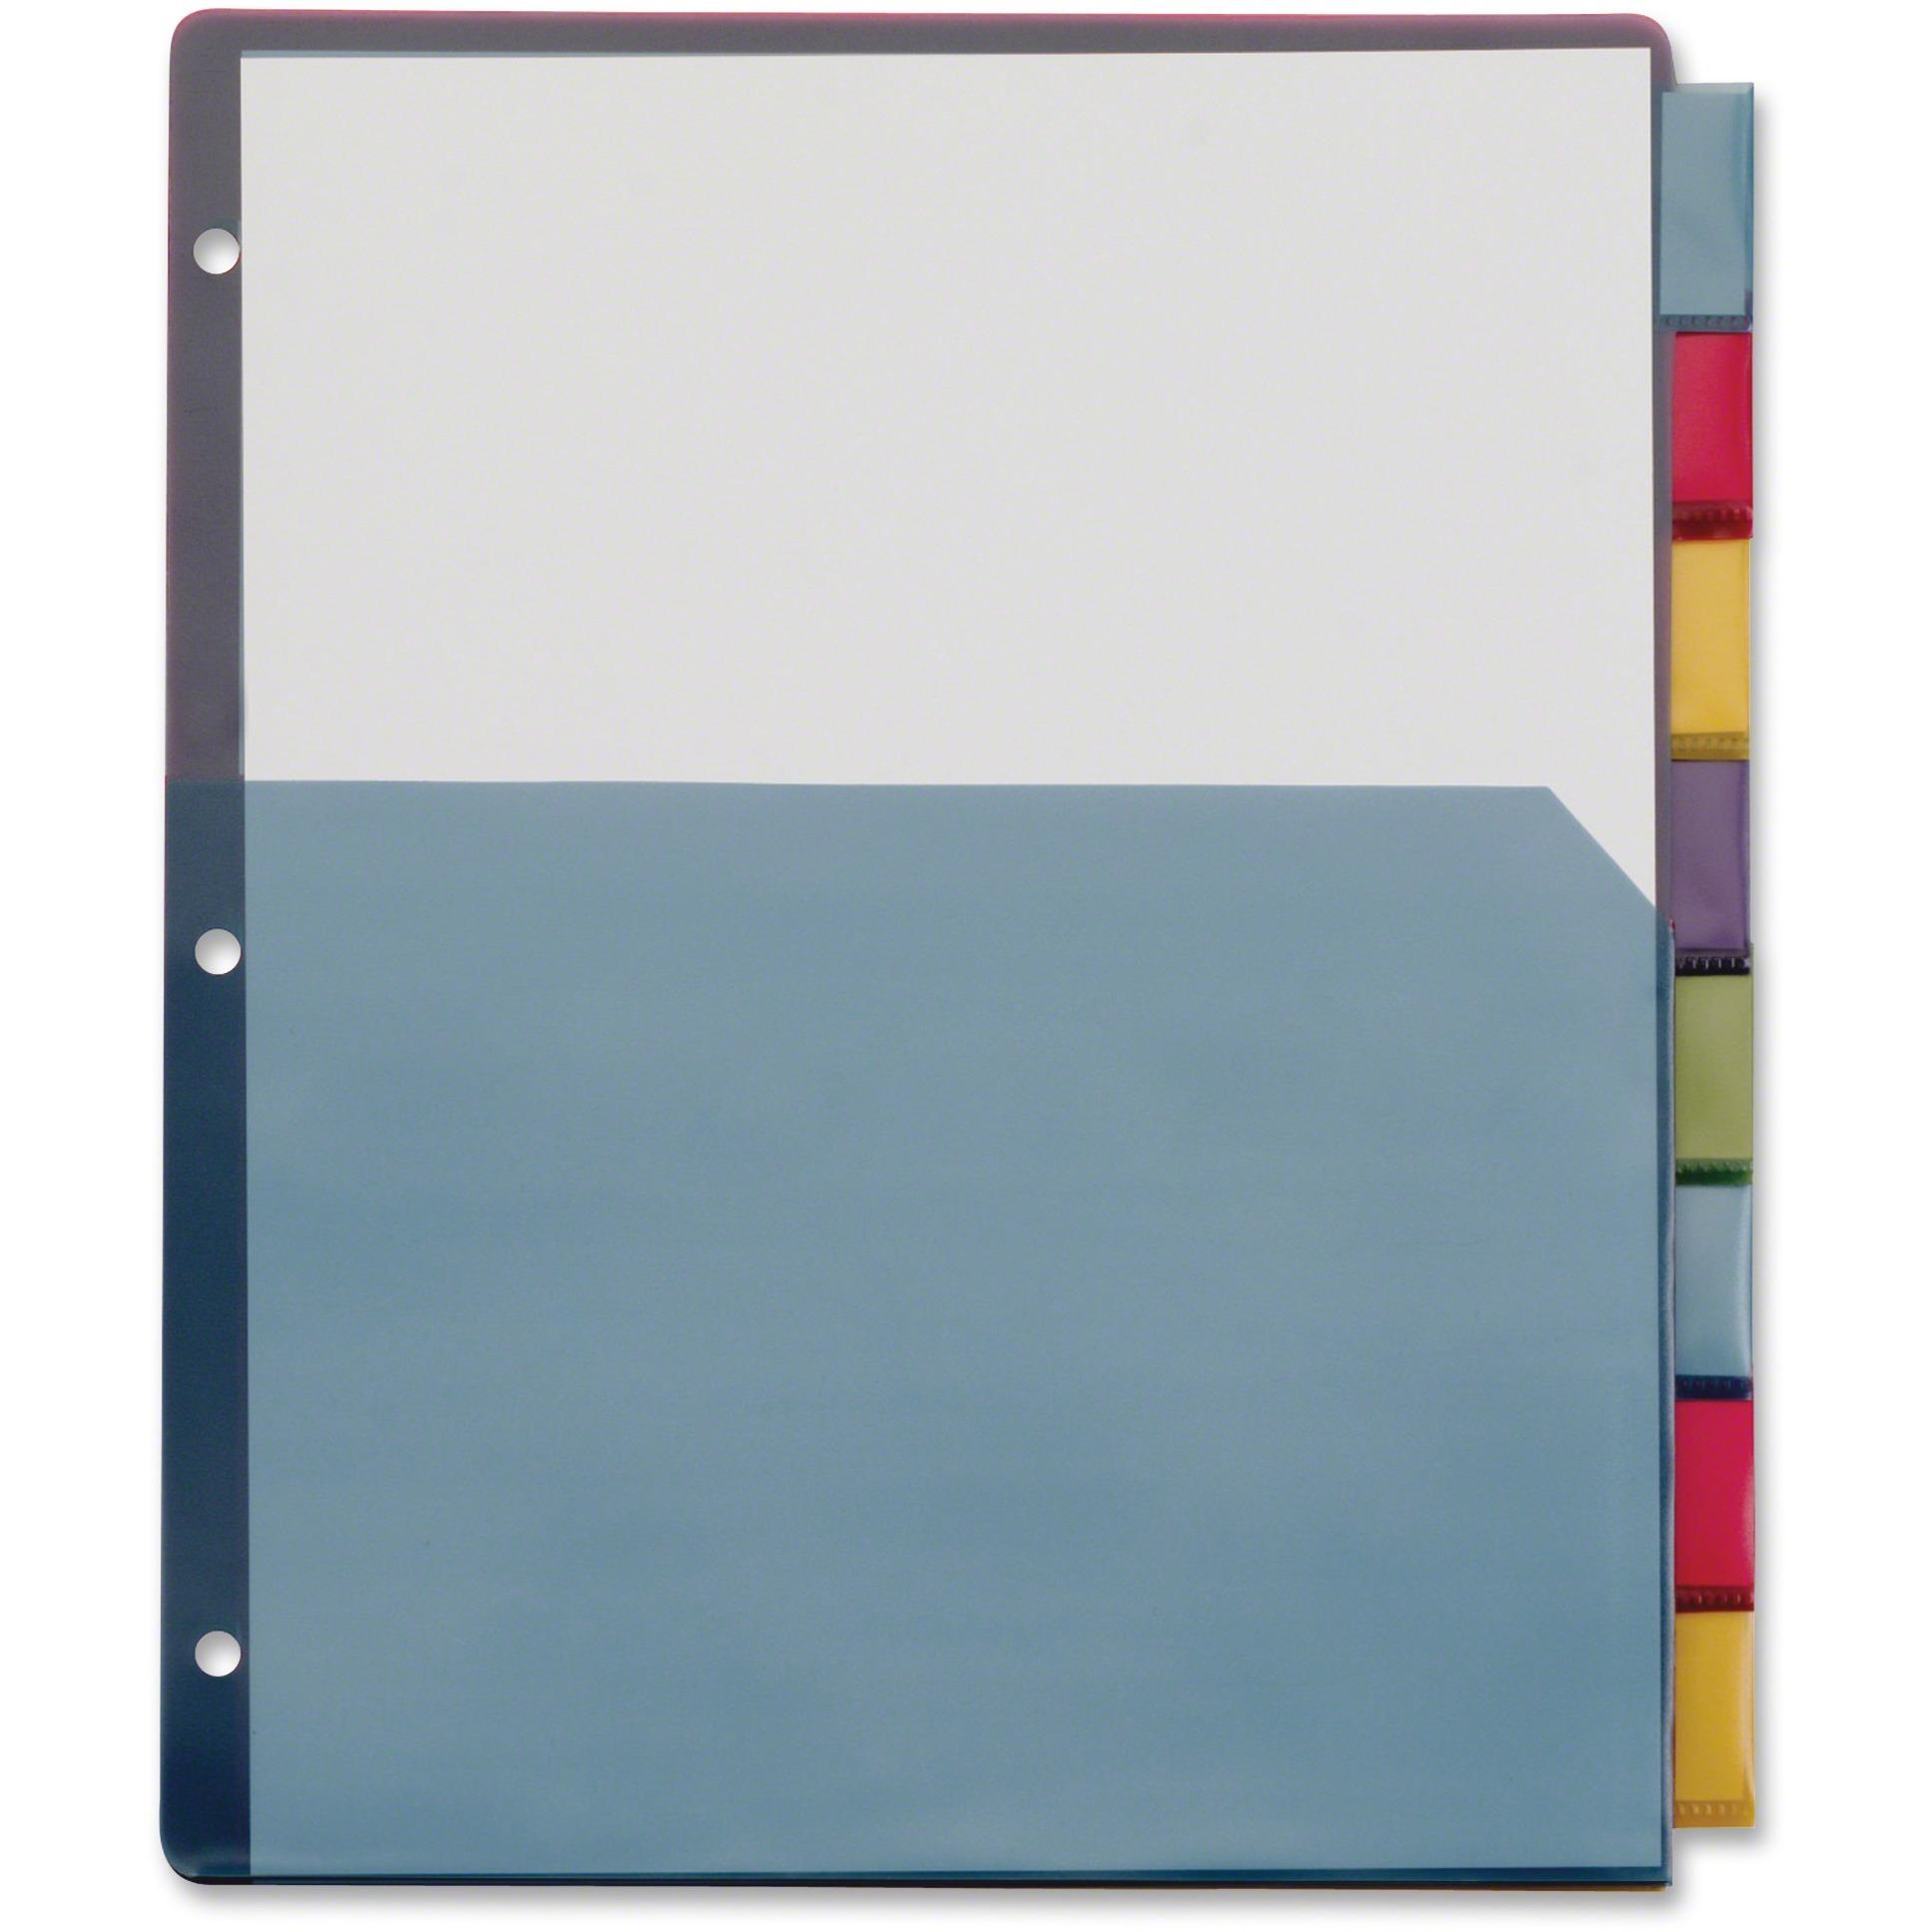 Poly 1-Pocket Index Dividers, Letter, Multicolor, 8-Tabs/Set, 4 Sets/Pack